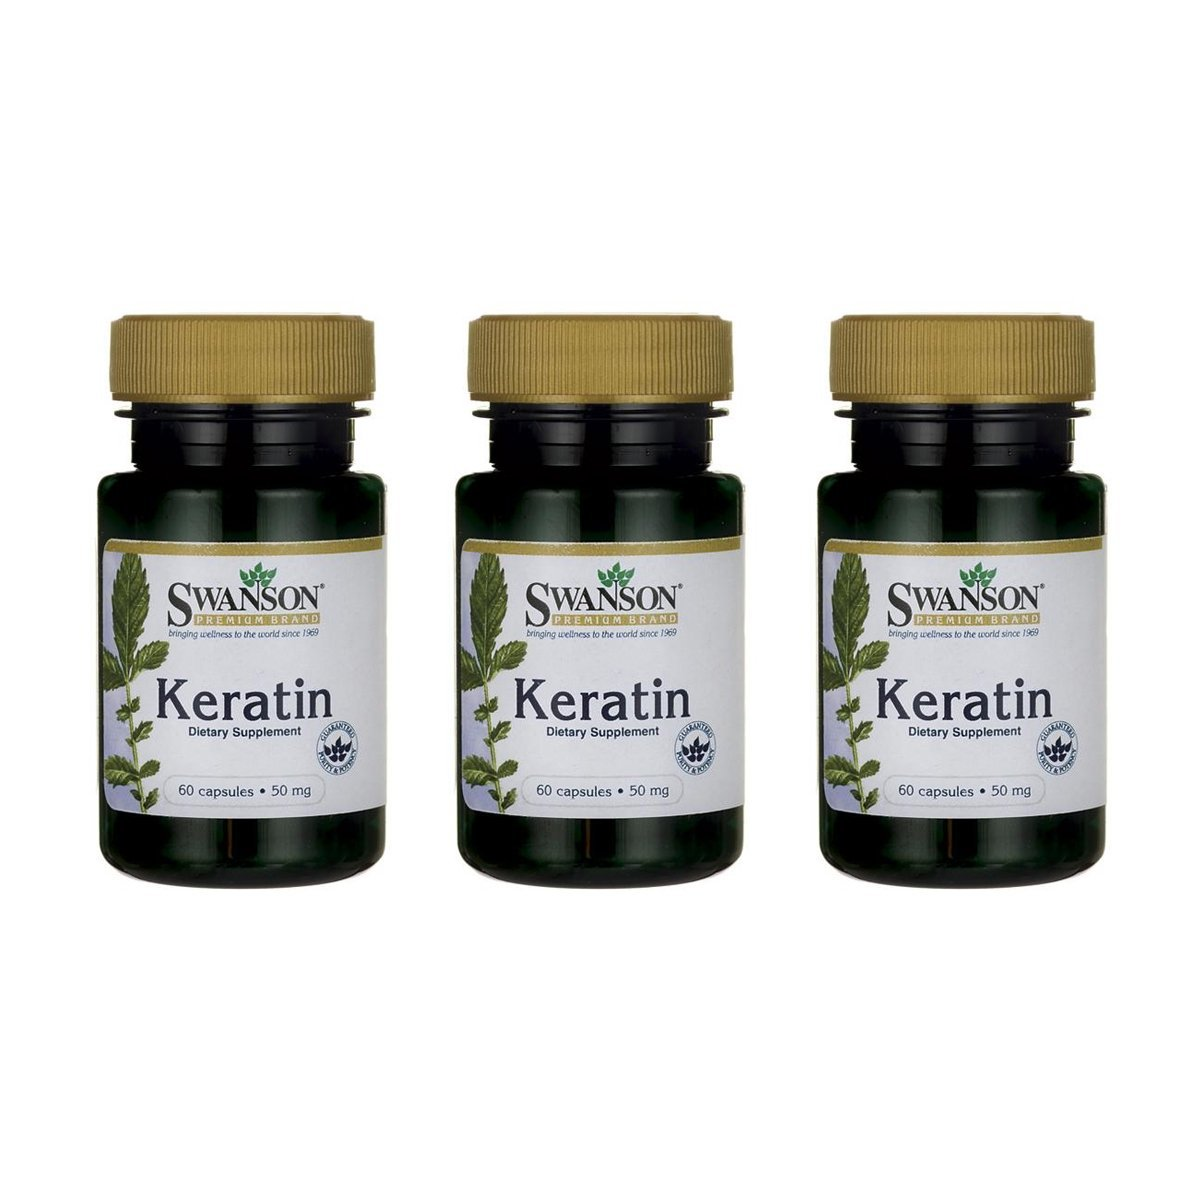 Swanson Keratin 50 mg 60 Caps 3 Pack